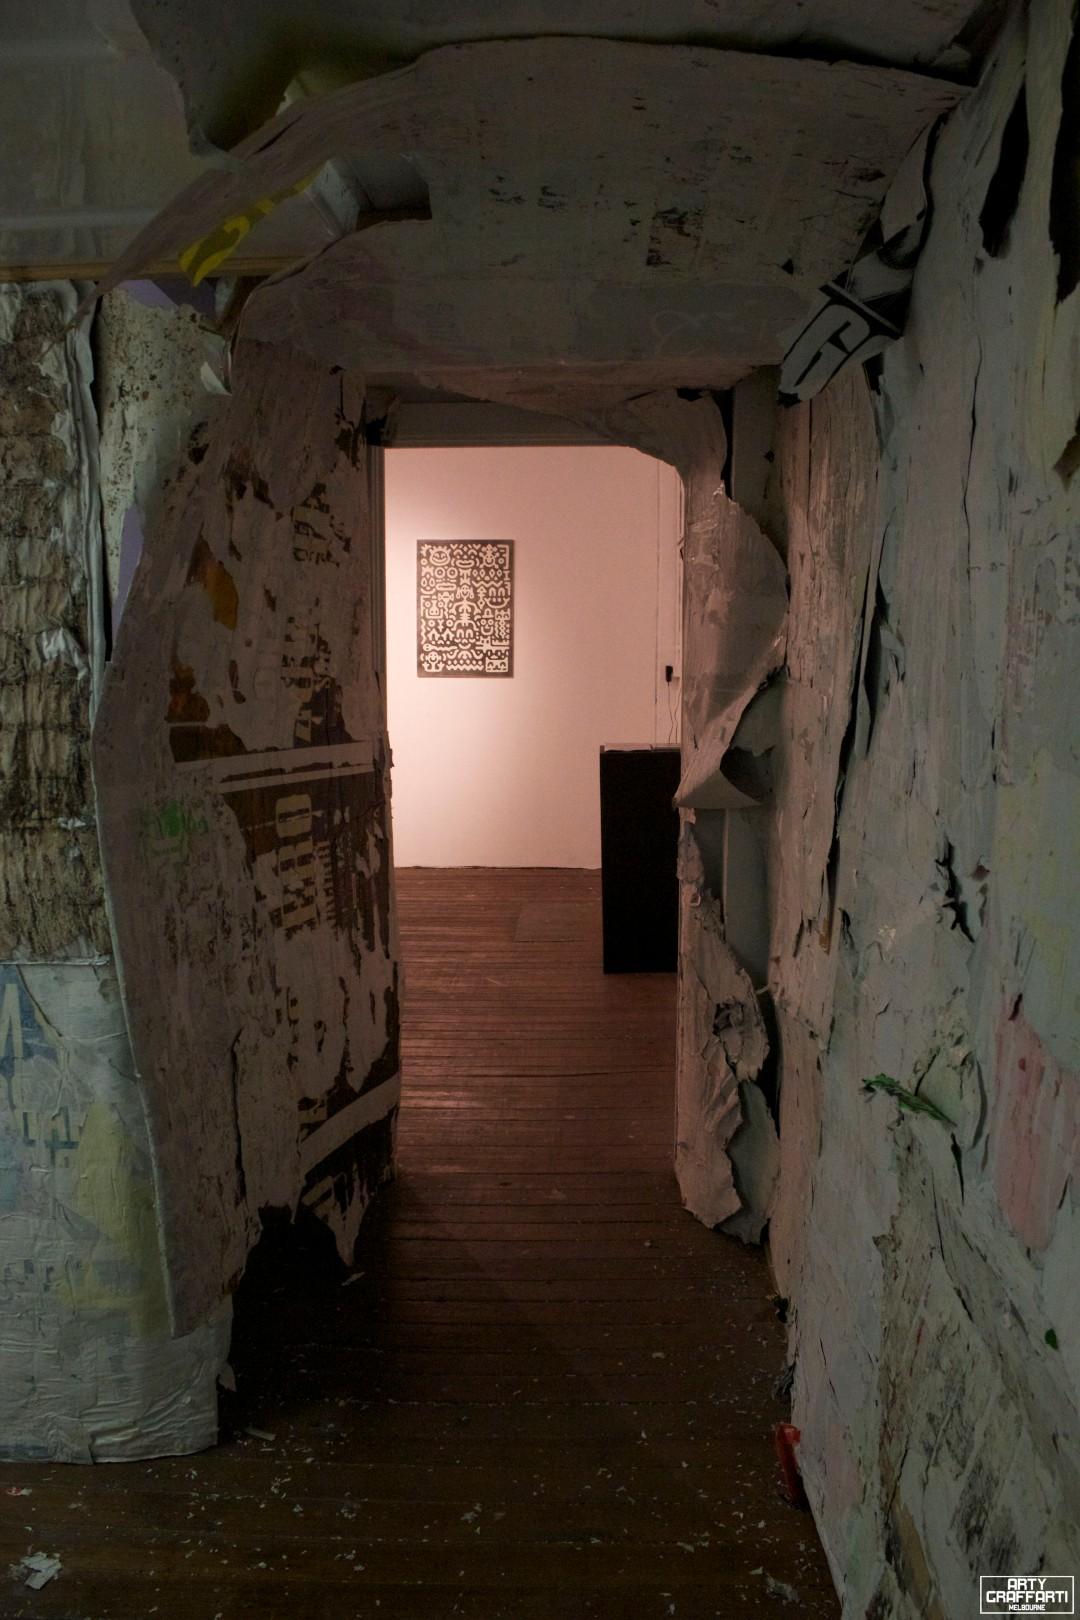 Stabs Keep it Simple Backwoods Gallery13